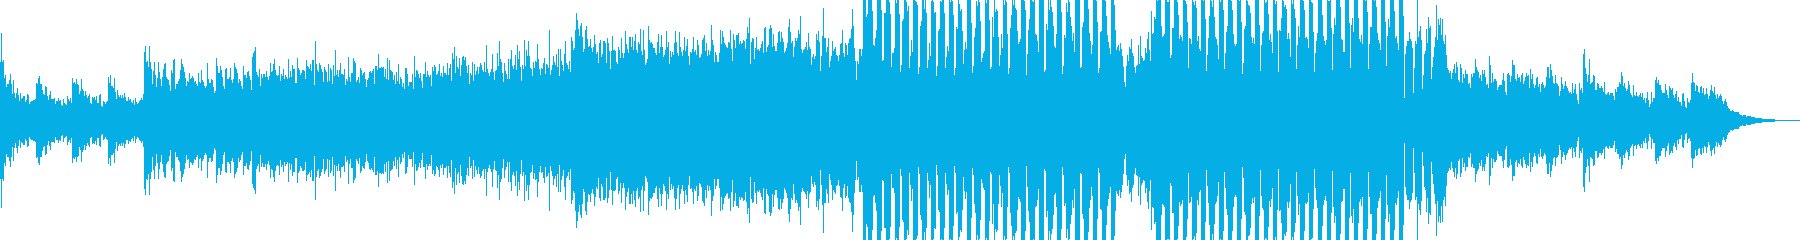 ピアノとシンセ主体の,儚さも感じるEDMの再生済みの波形